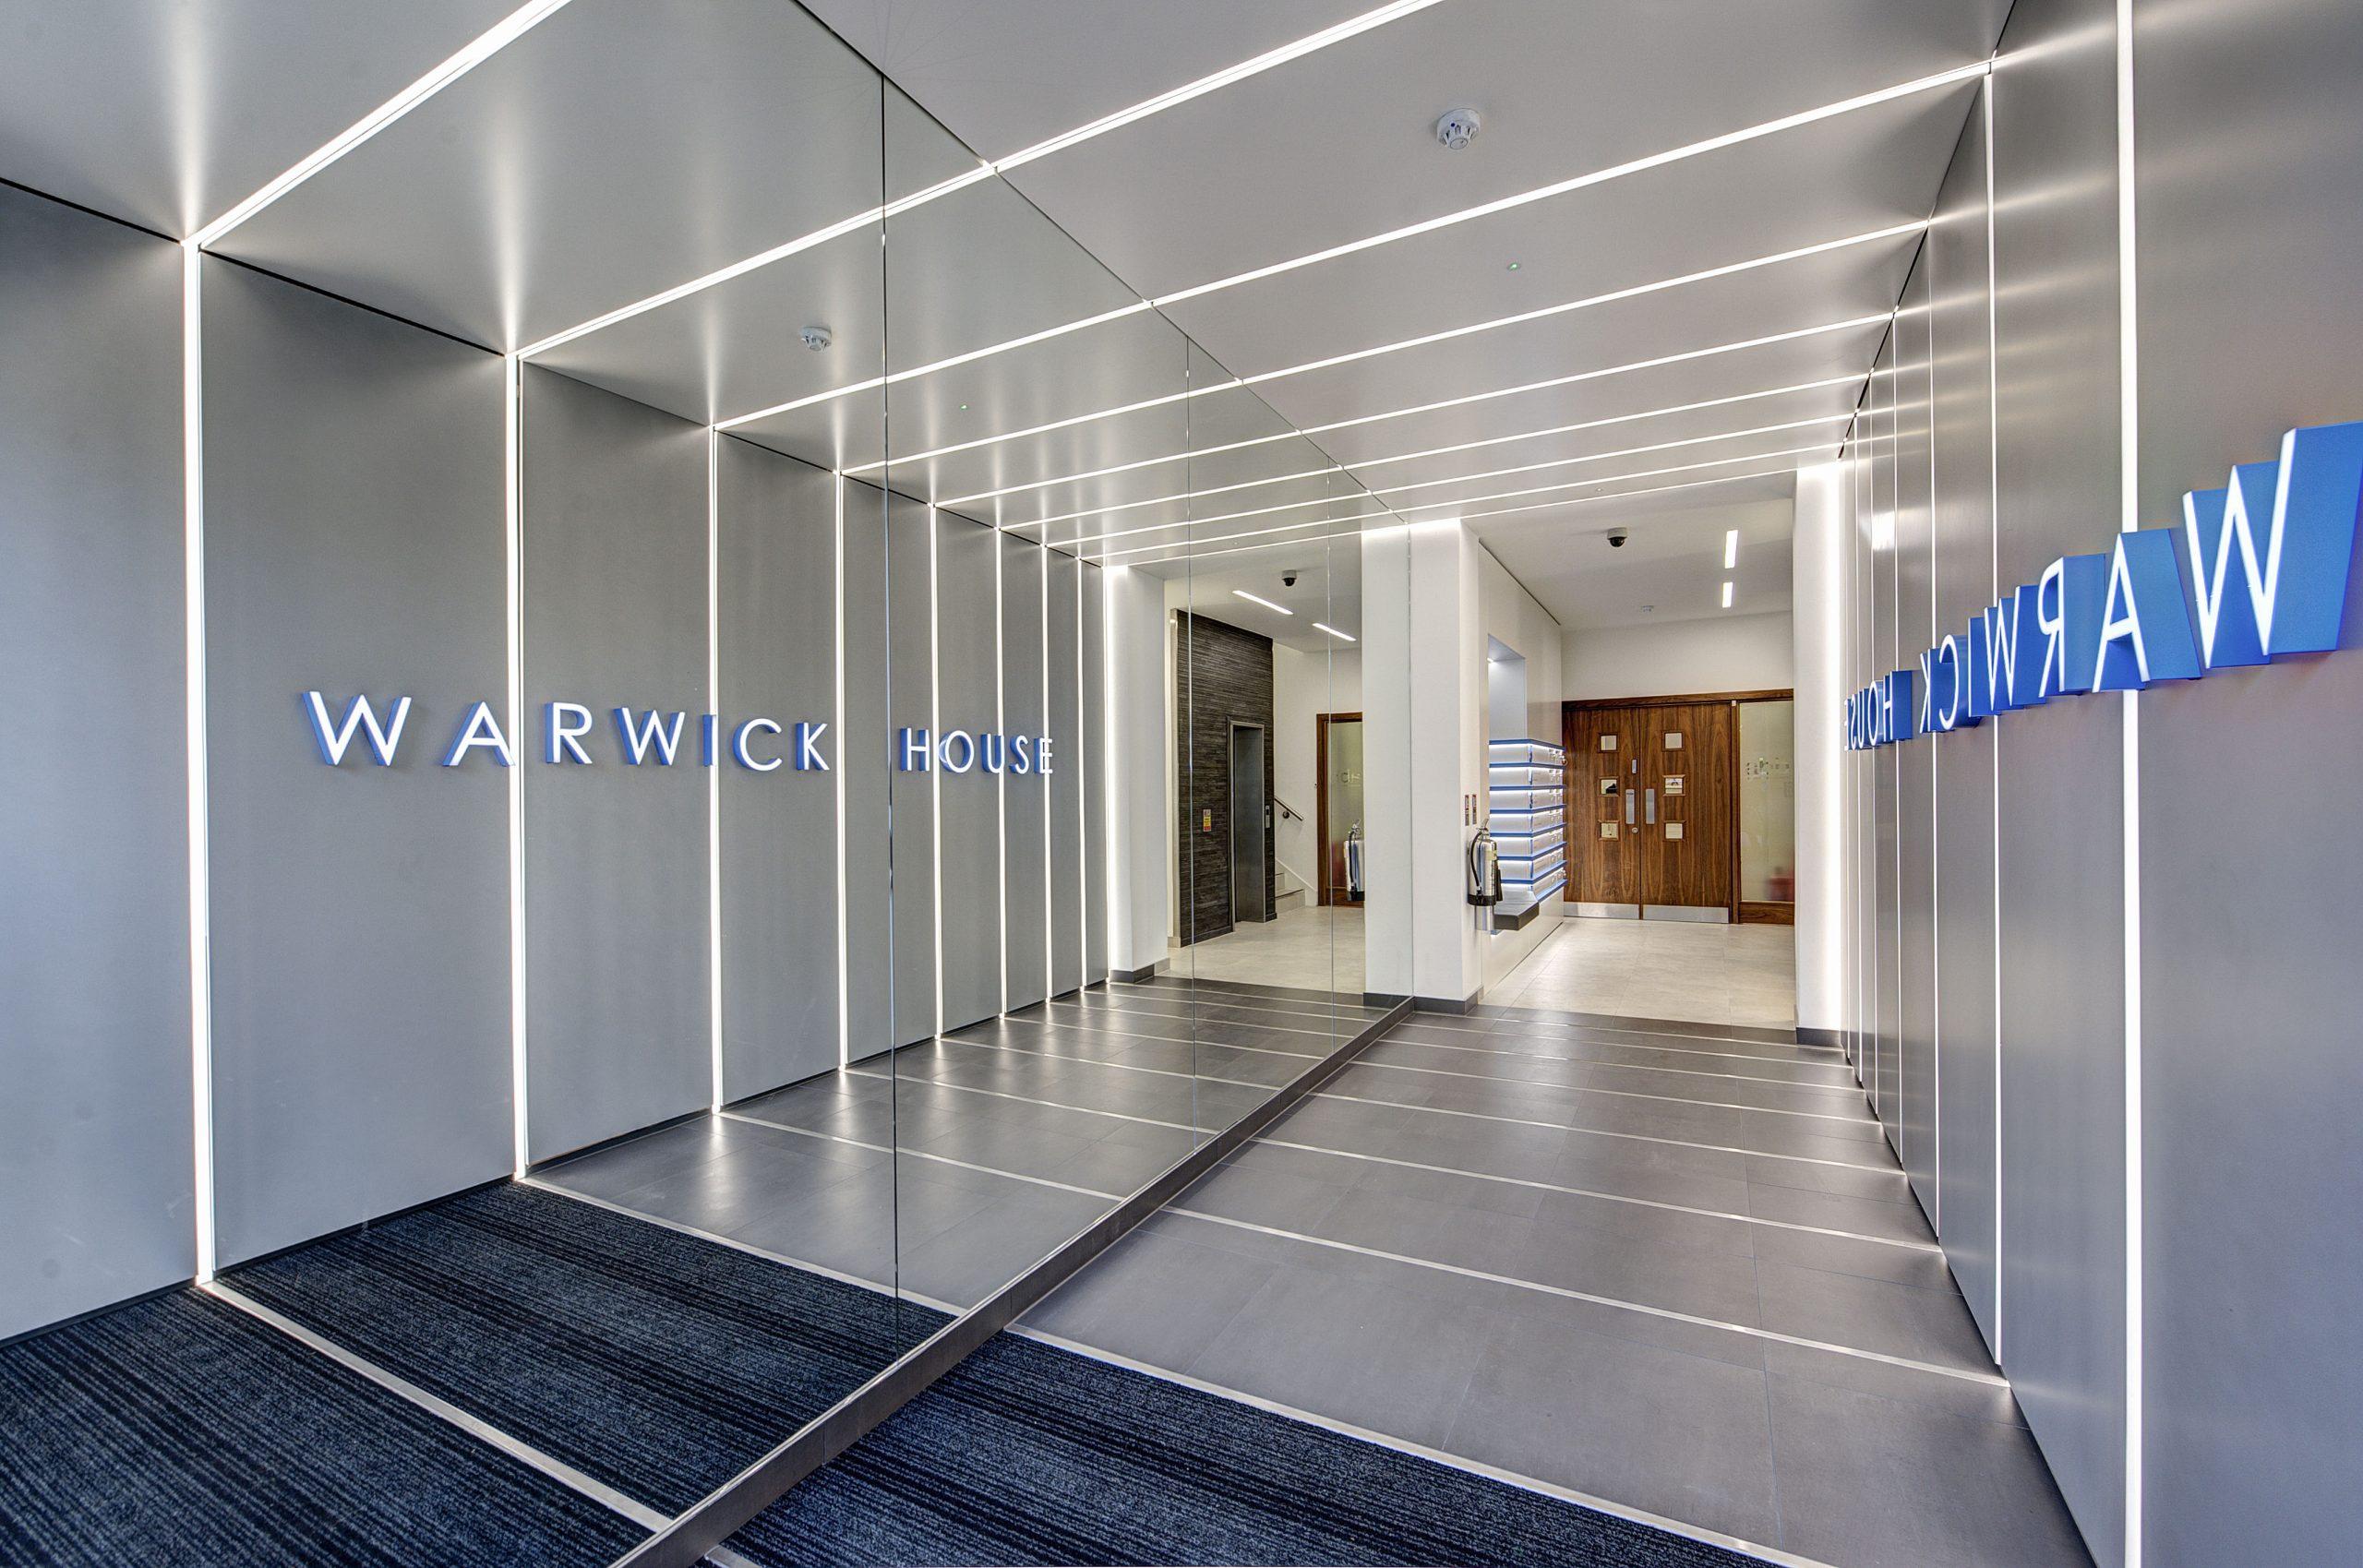 Warwick House, 25-27 Buckingham Palace Road, London, SW1W 0PP